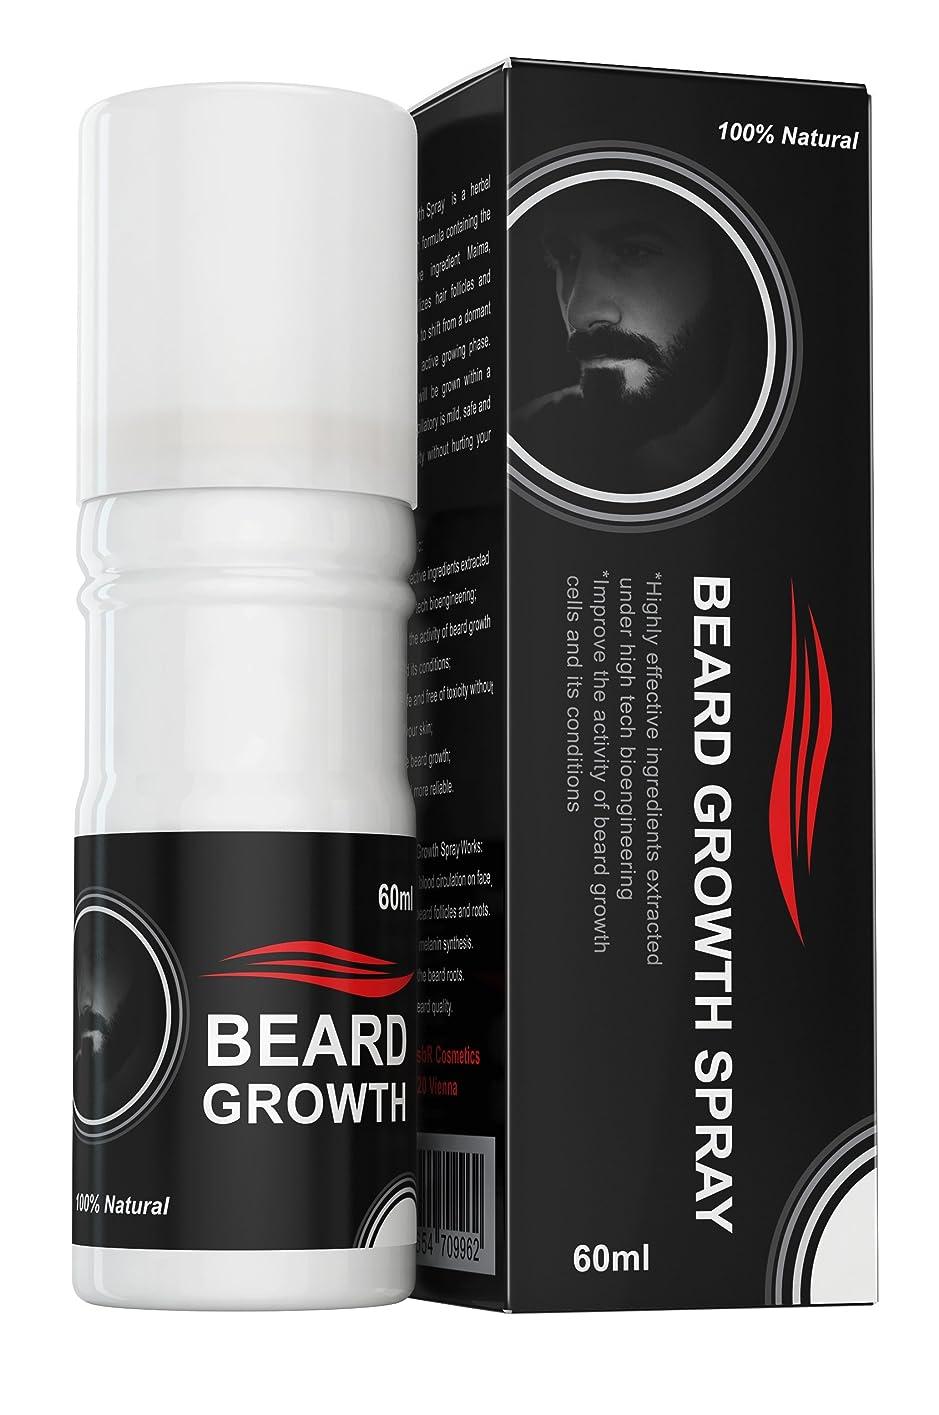 充電私の剪断Beard Growth Spray?(ベアードグロースプレー?)- ヒゲの育毛剤 - 100%天然成分使用